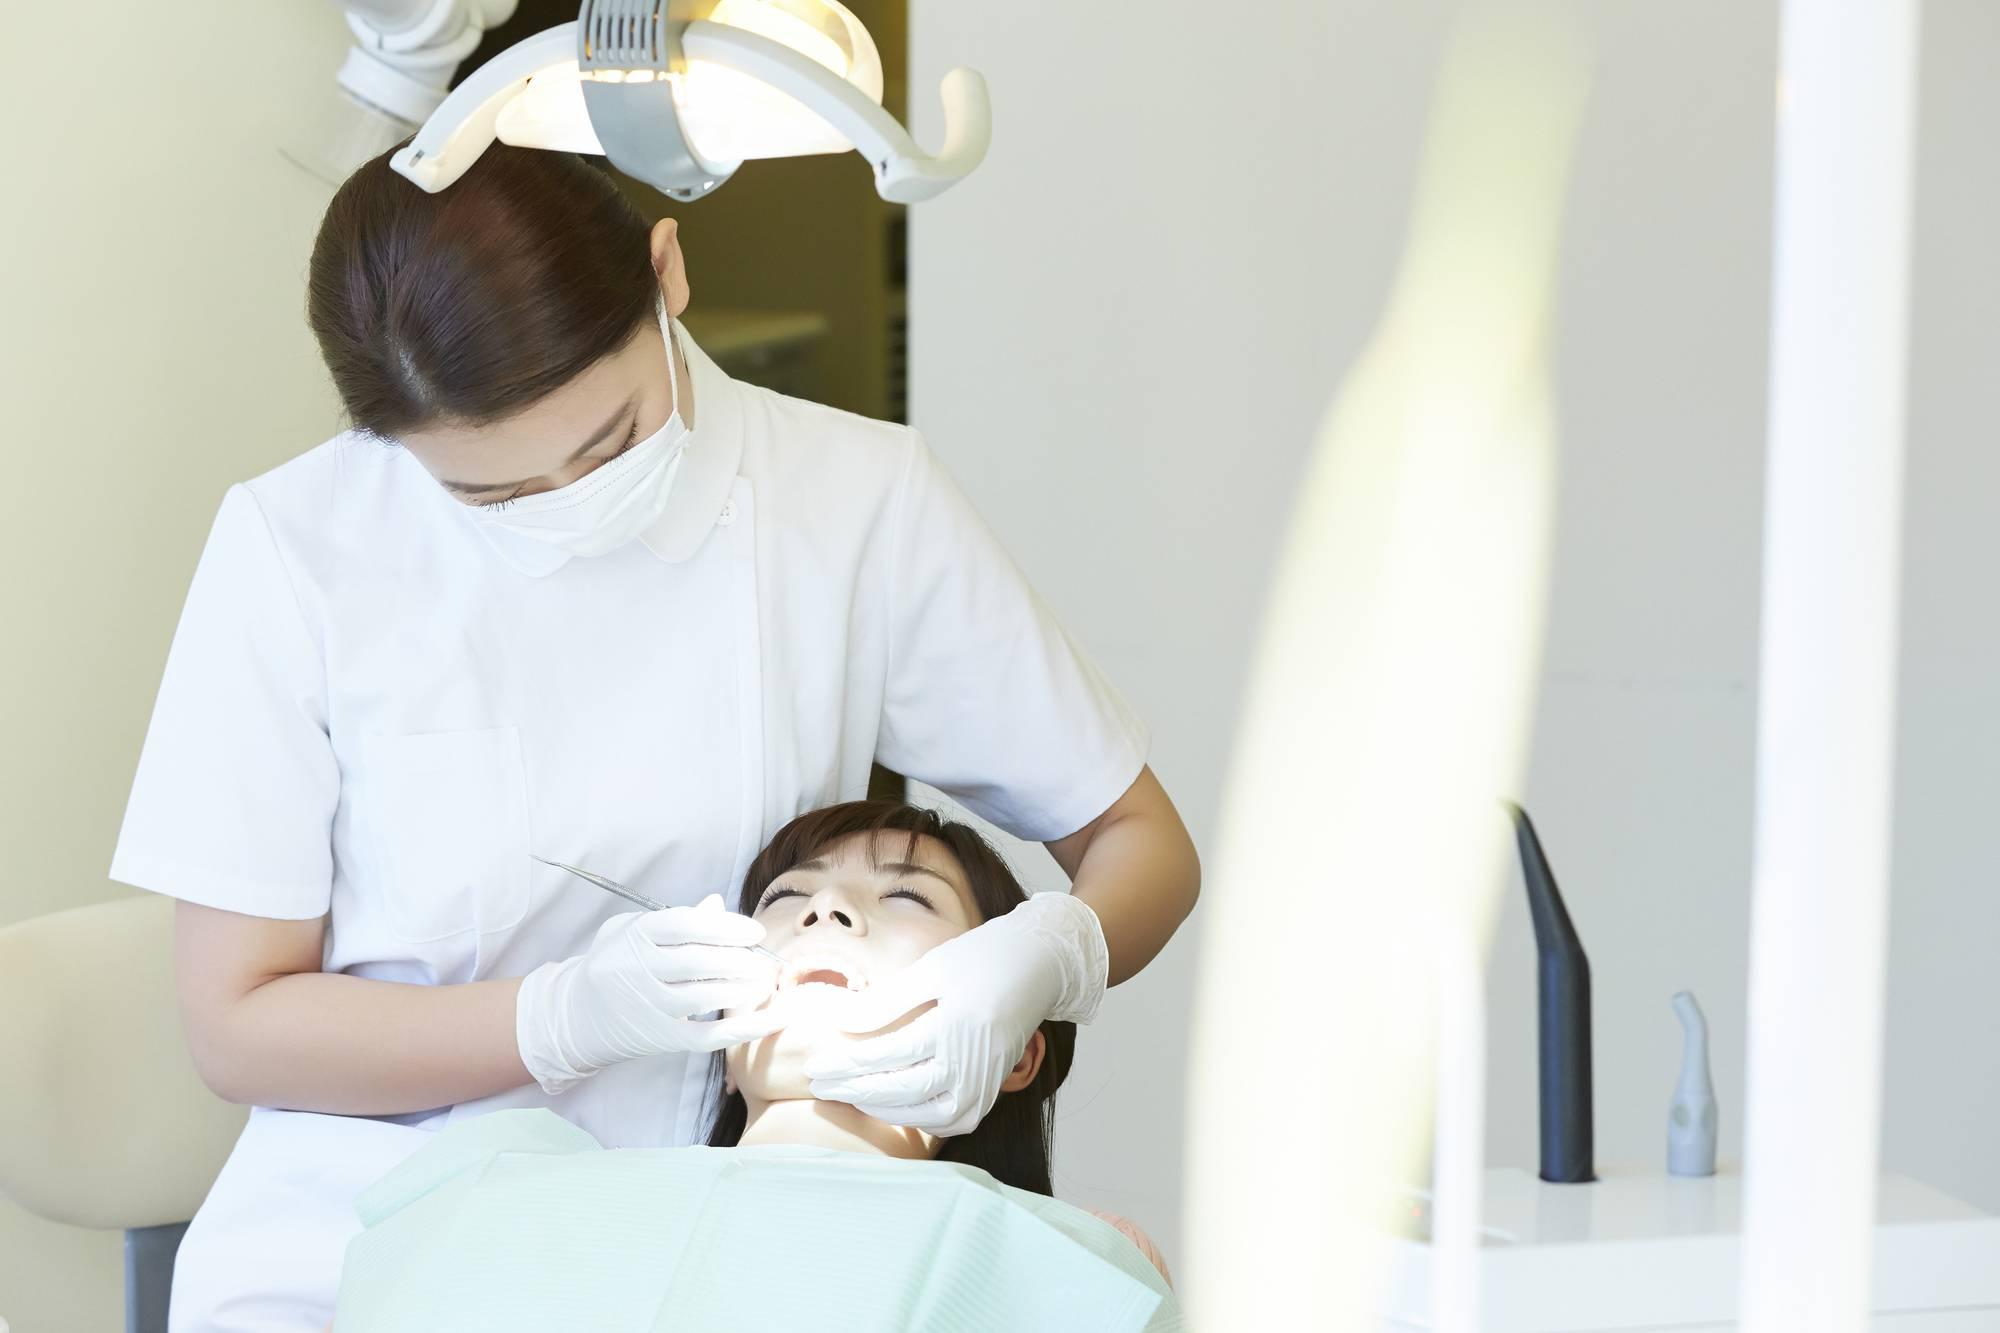 歯のクリーニングを受ける女性